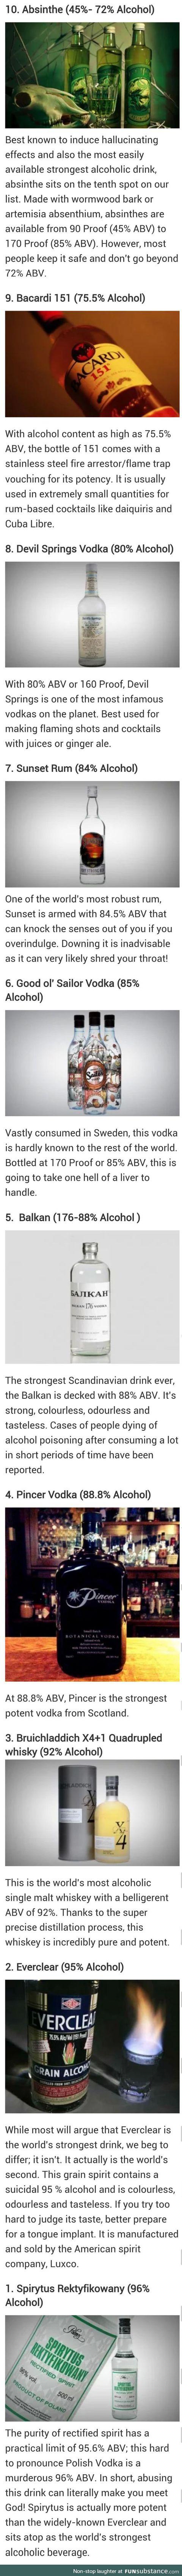 Top ten most alchoholic drinks